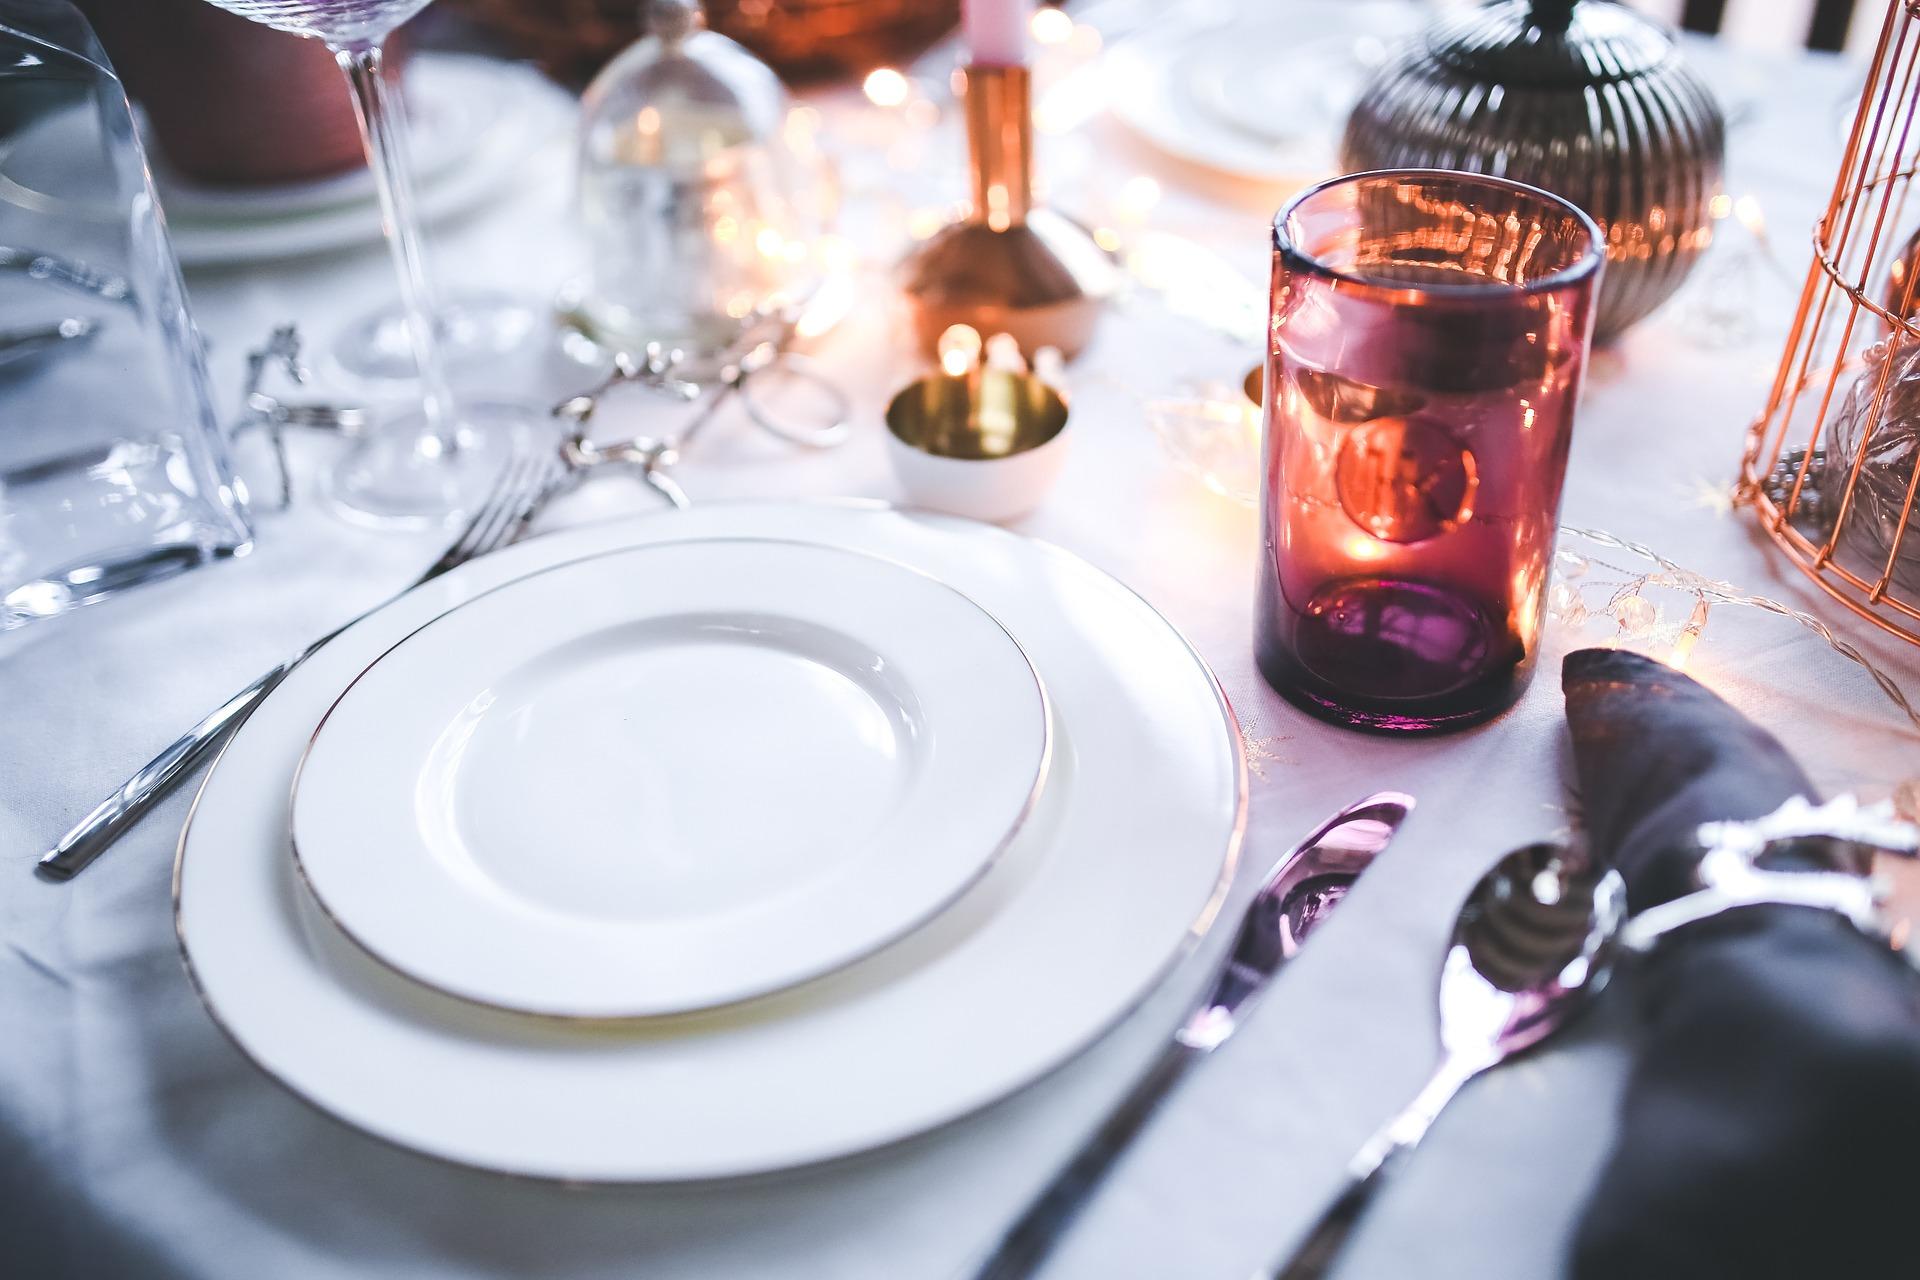 Restaurace nabízí štědrovečerní večeři pro bezdomovce a seniory zdarma